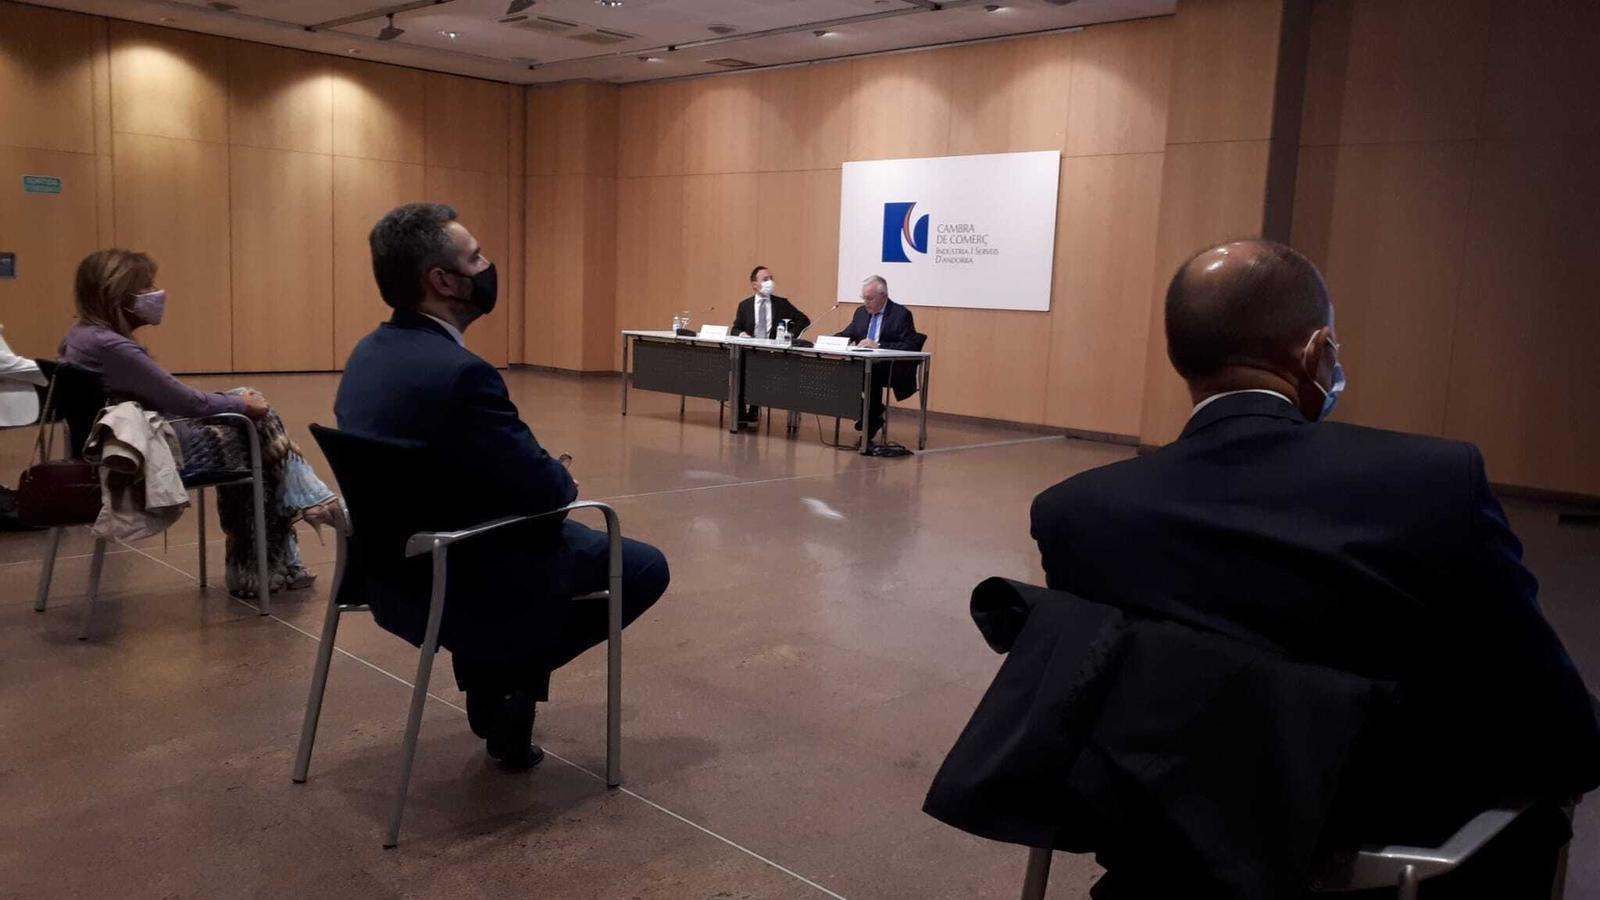 El president de la Cambra de Comerç, Miquel Armengol, i el cap del Govern, Xavier Espot, durant la presentació de l'informe econòmic 2019. / E.C. (ANA)